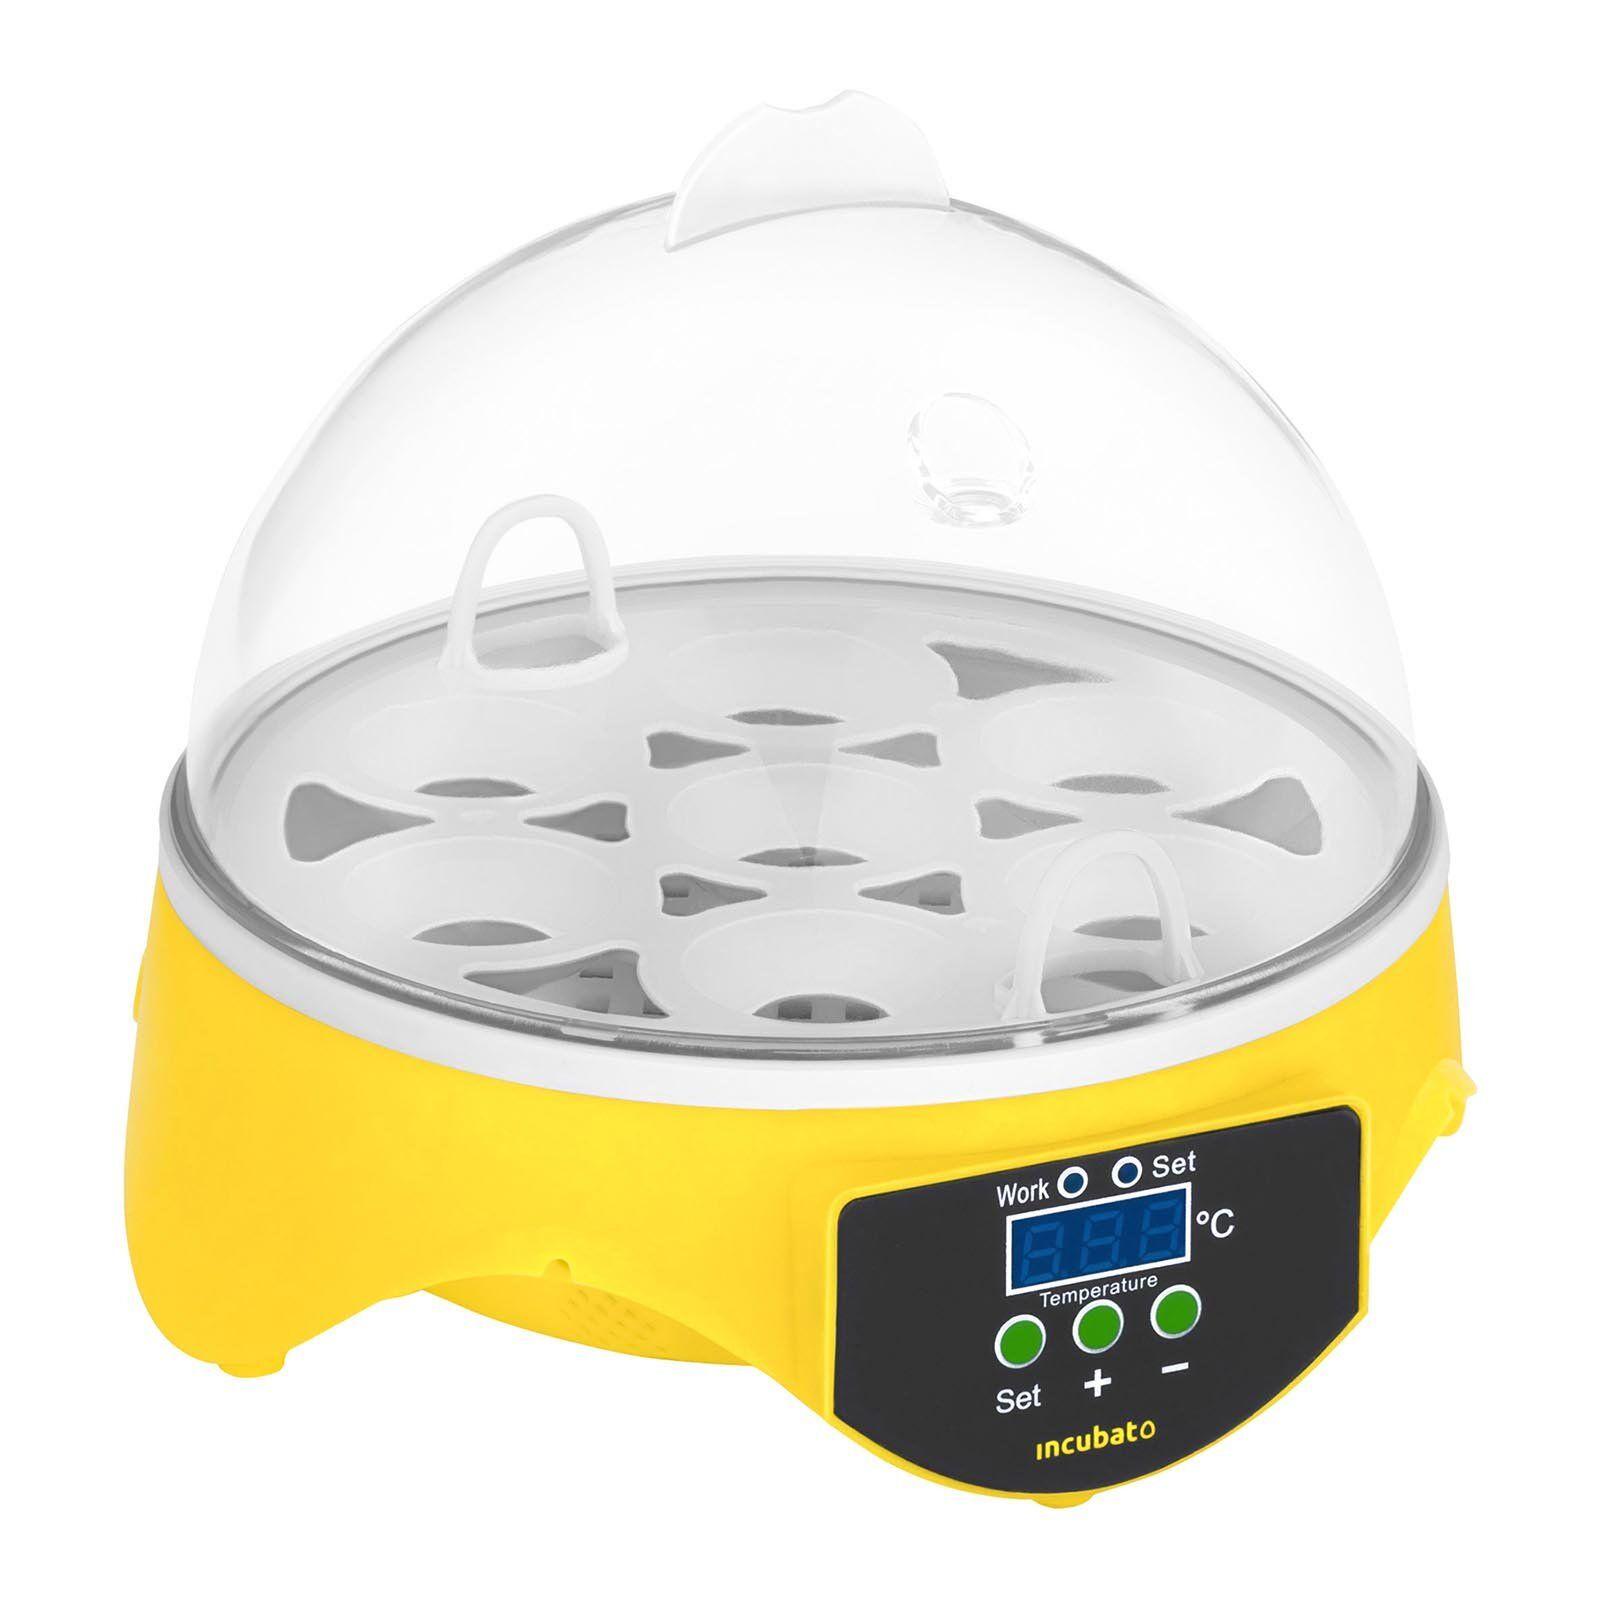 incubato Incubatrice per uova professionale - 7 uova - lampada sperauova inclusa IN-7DDI